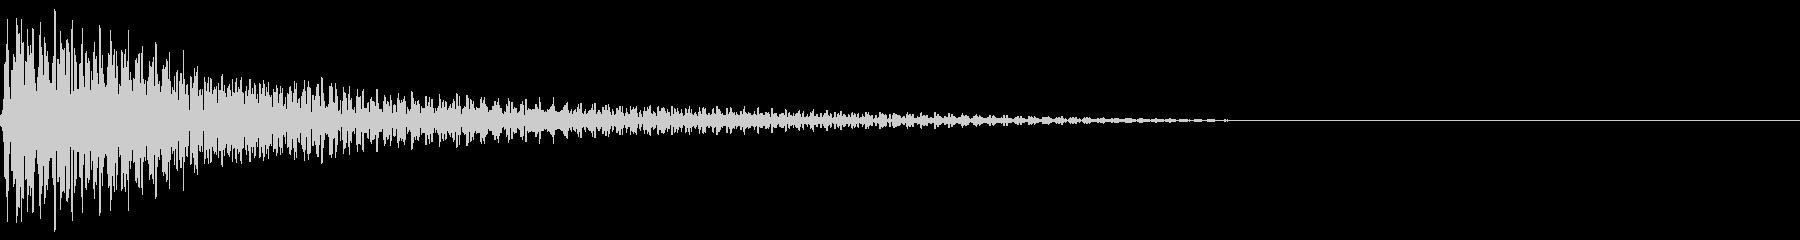 ピコン(ピアノの警告音)5の未再生の波形